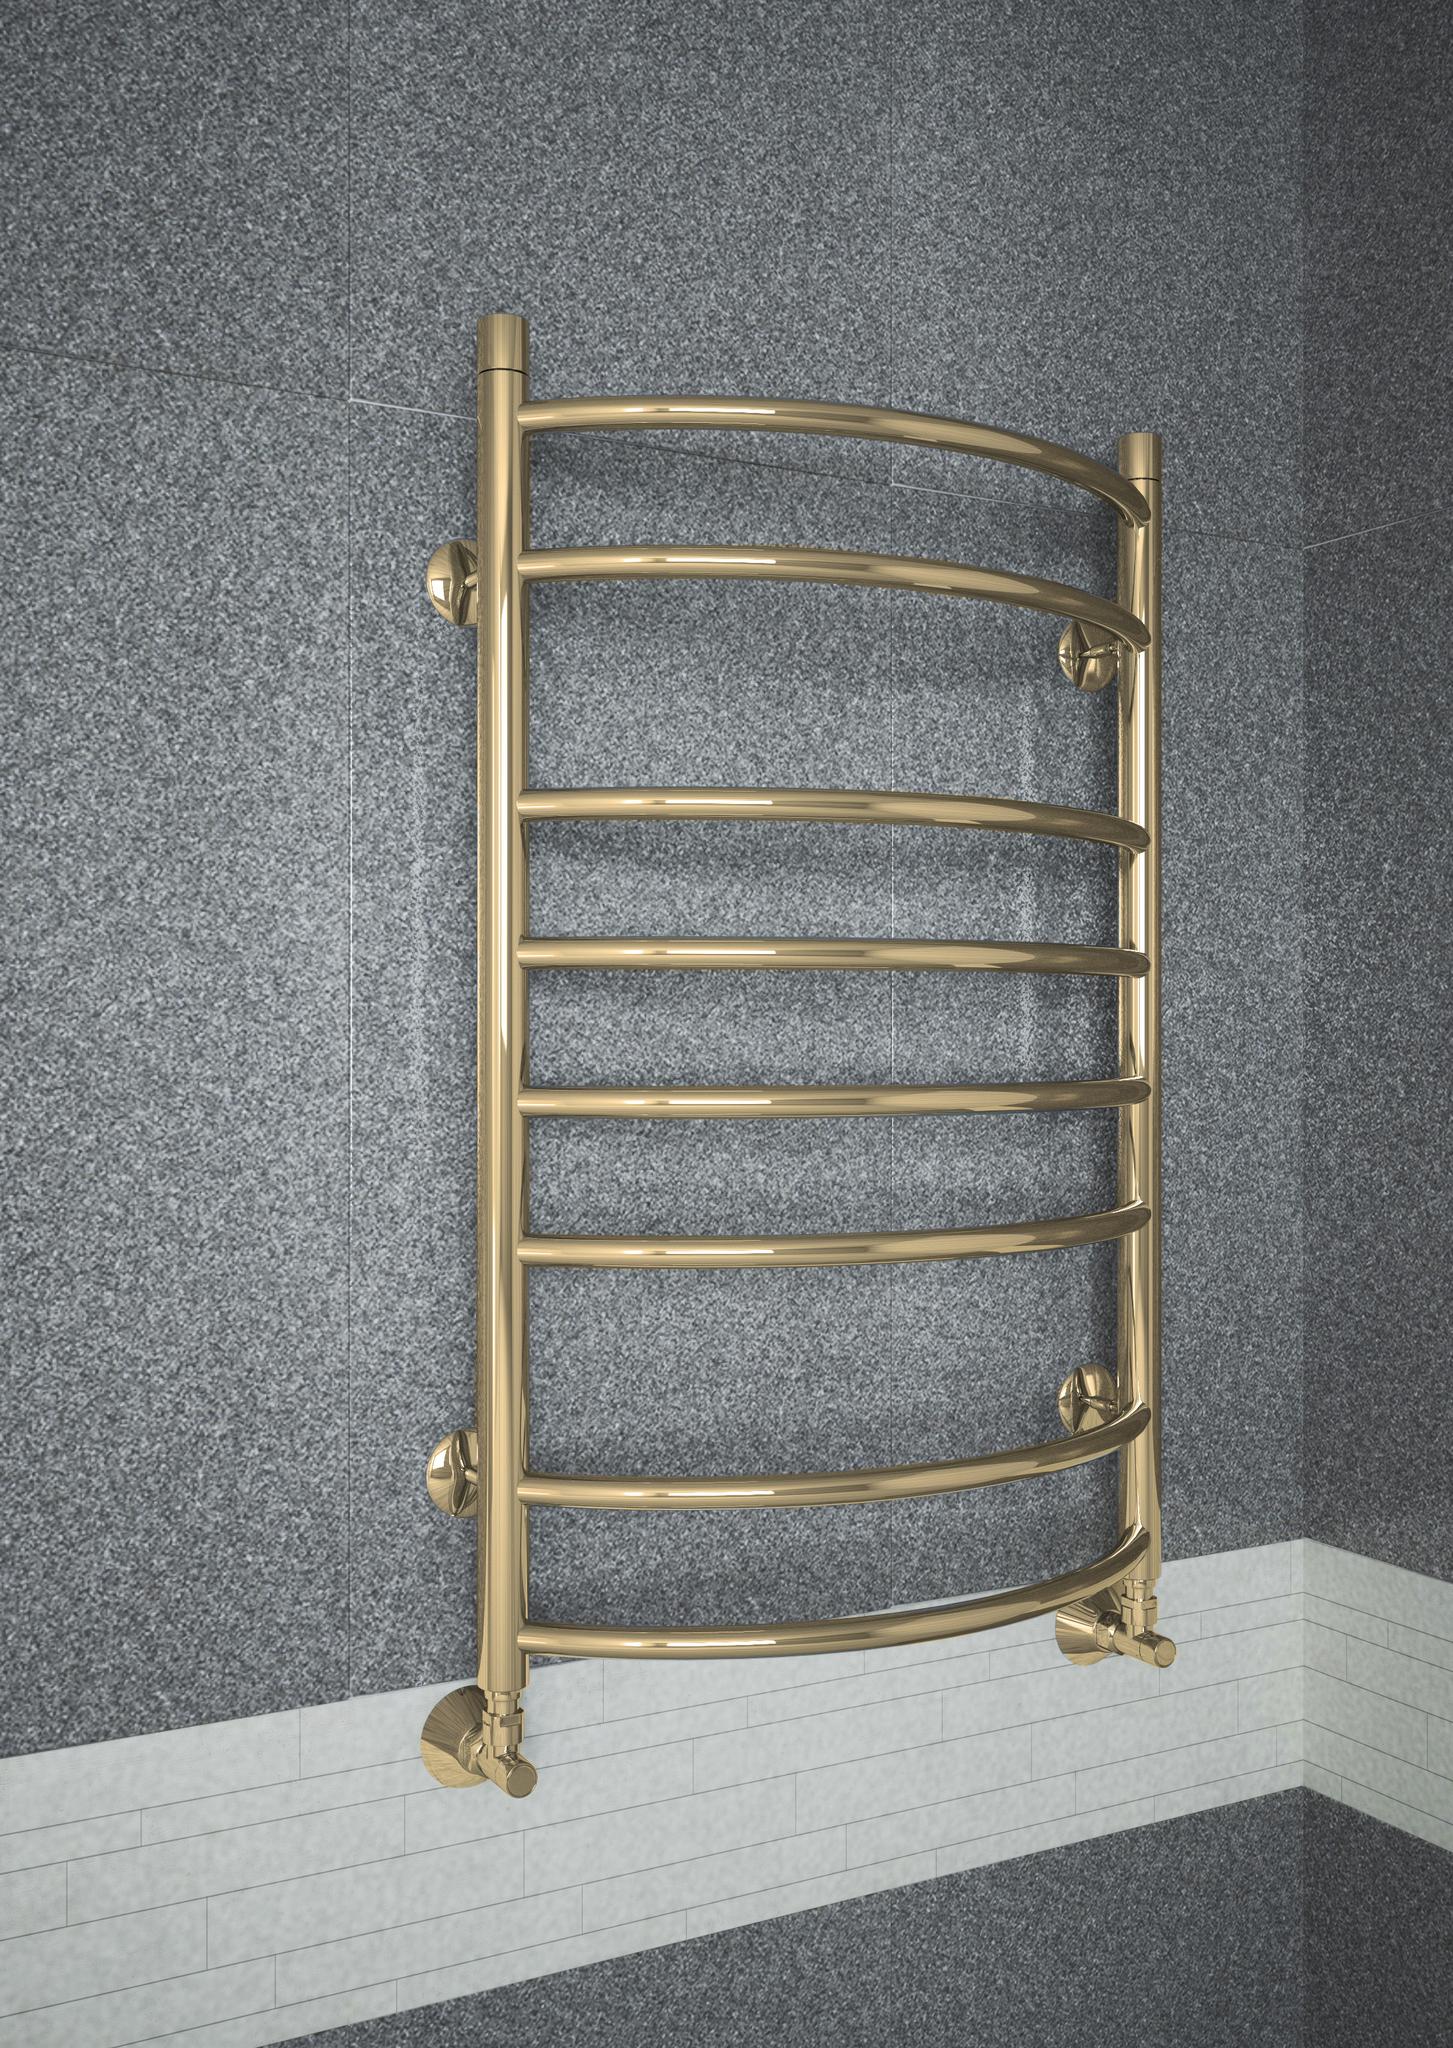 Forma Bronze - бронзовый полотенцесушитель шириной 400 мм, выпуклый вперед. Бронза.